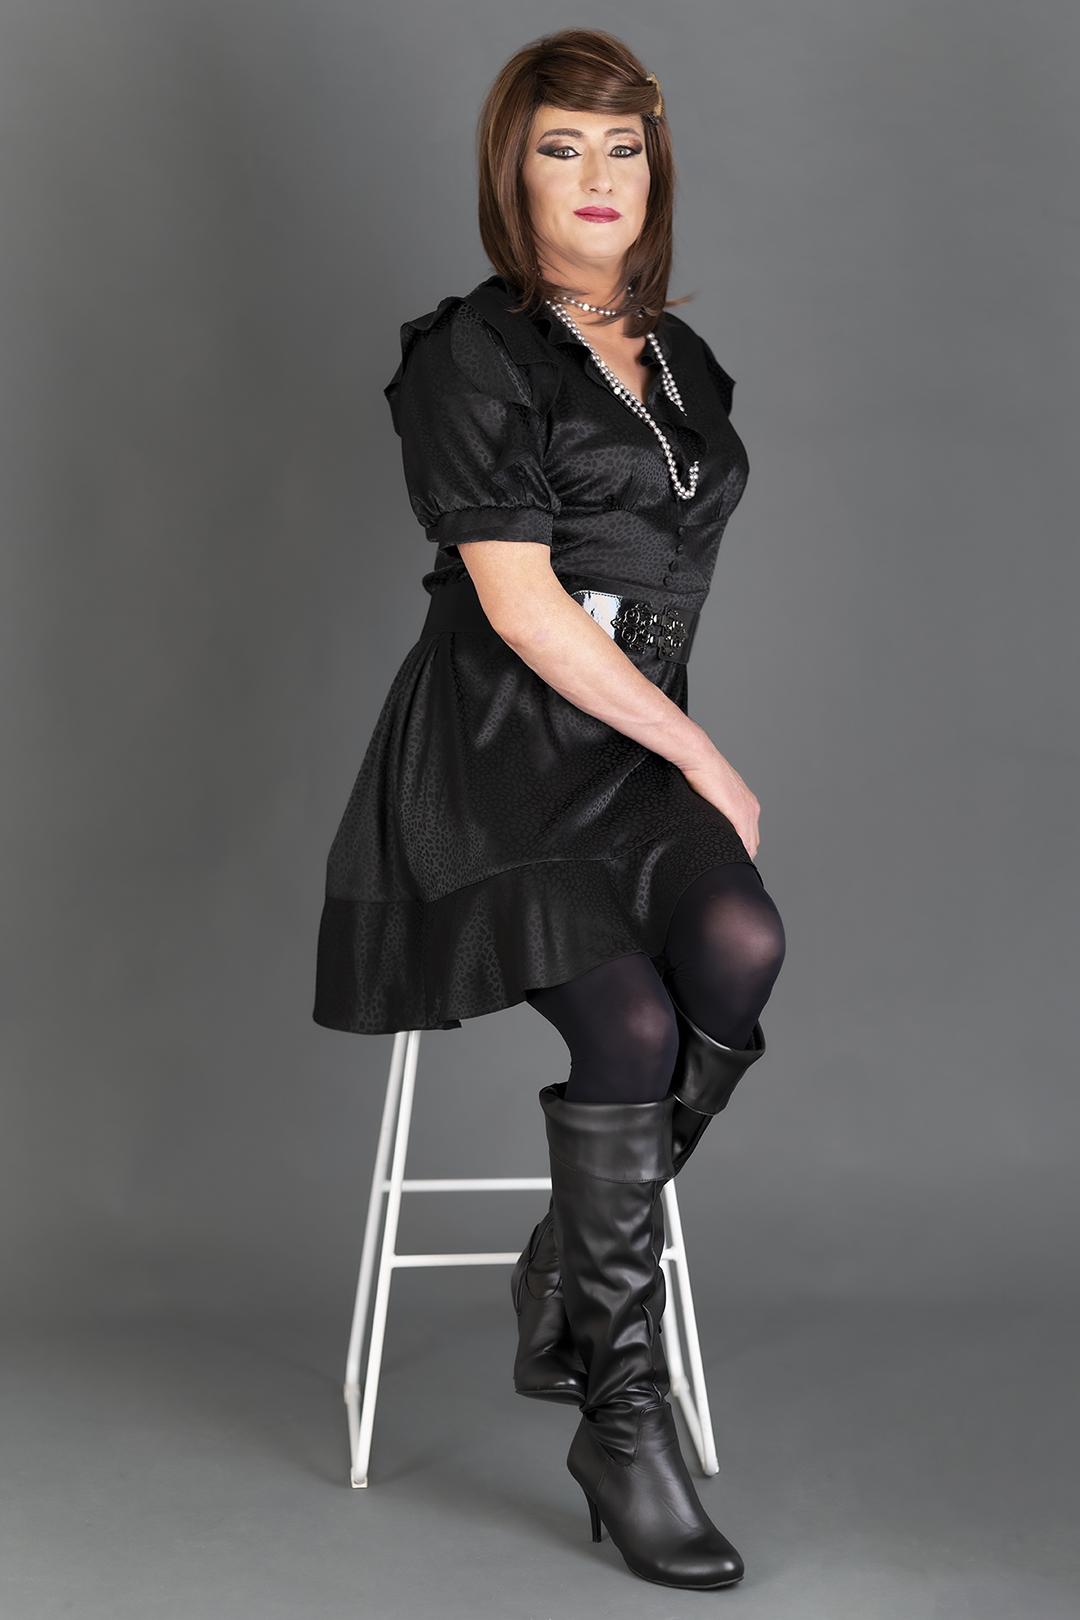 Debbie Cross Dresser